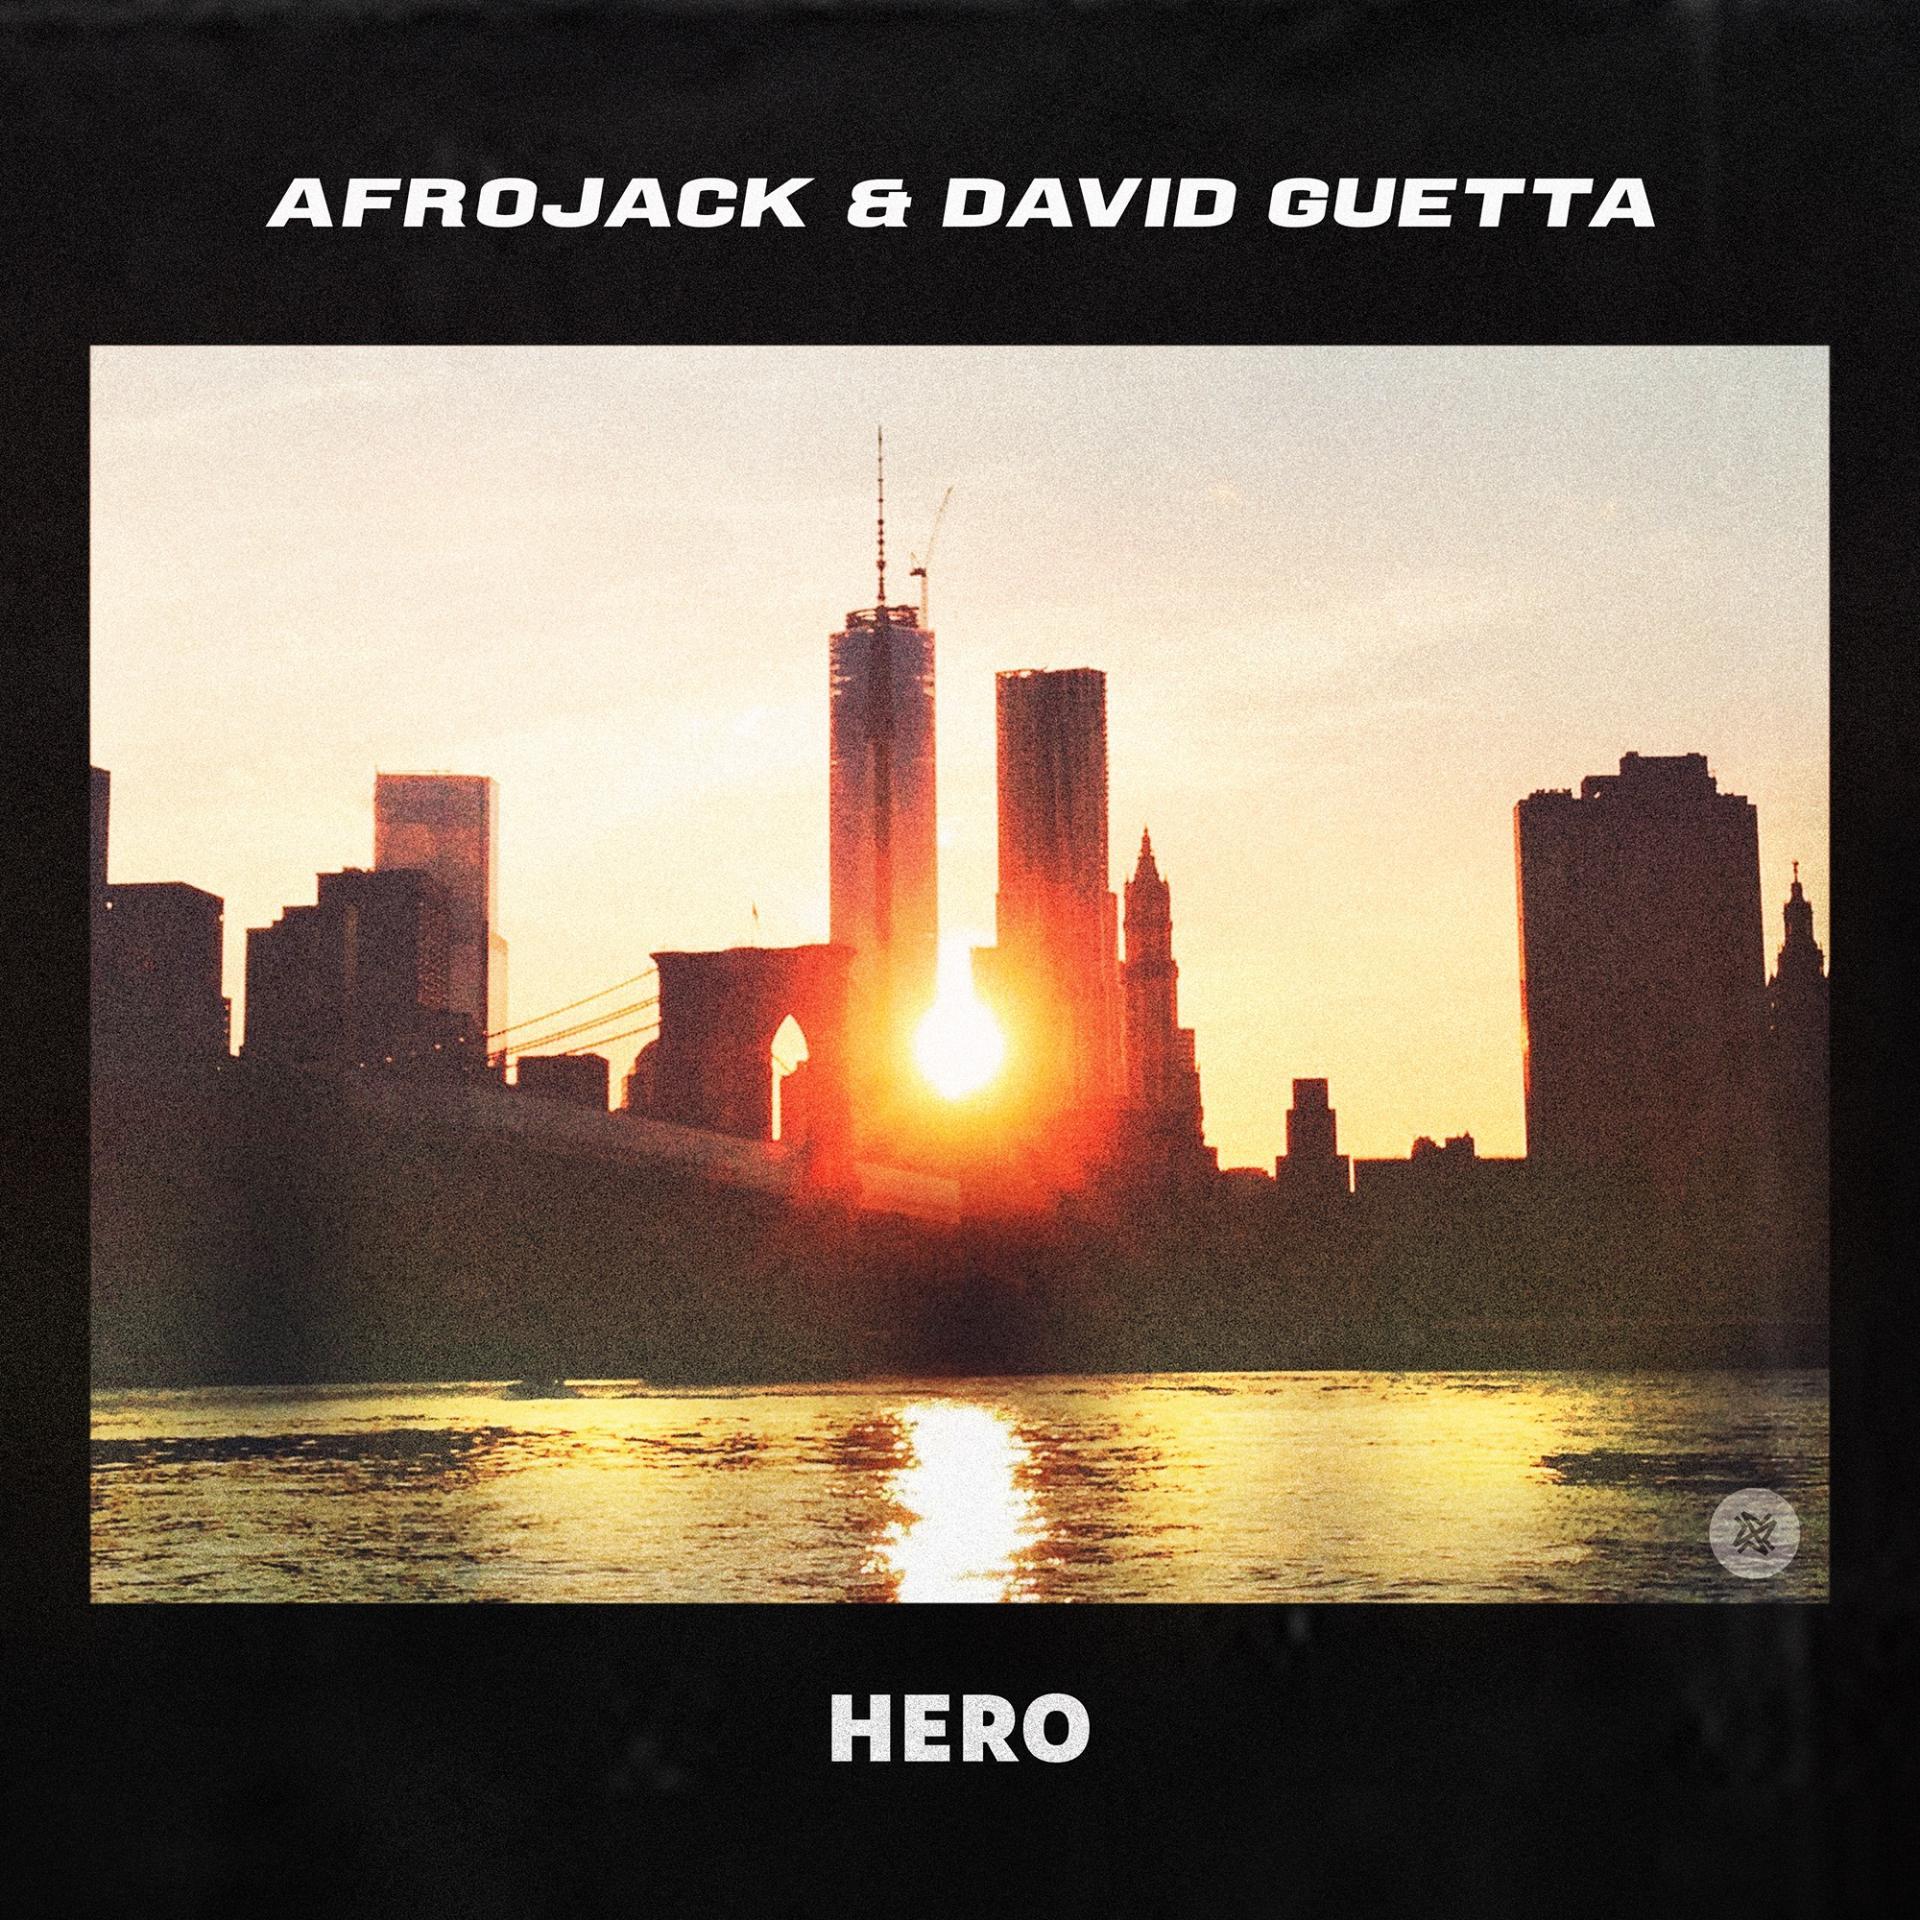 Afrojack Ft. David Guetta - Hero